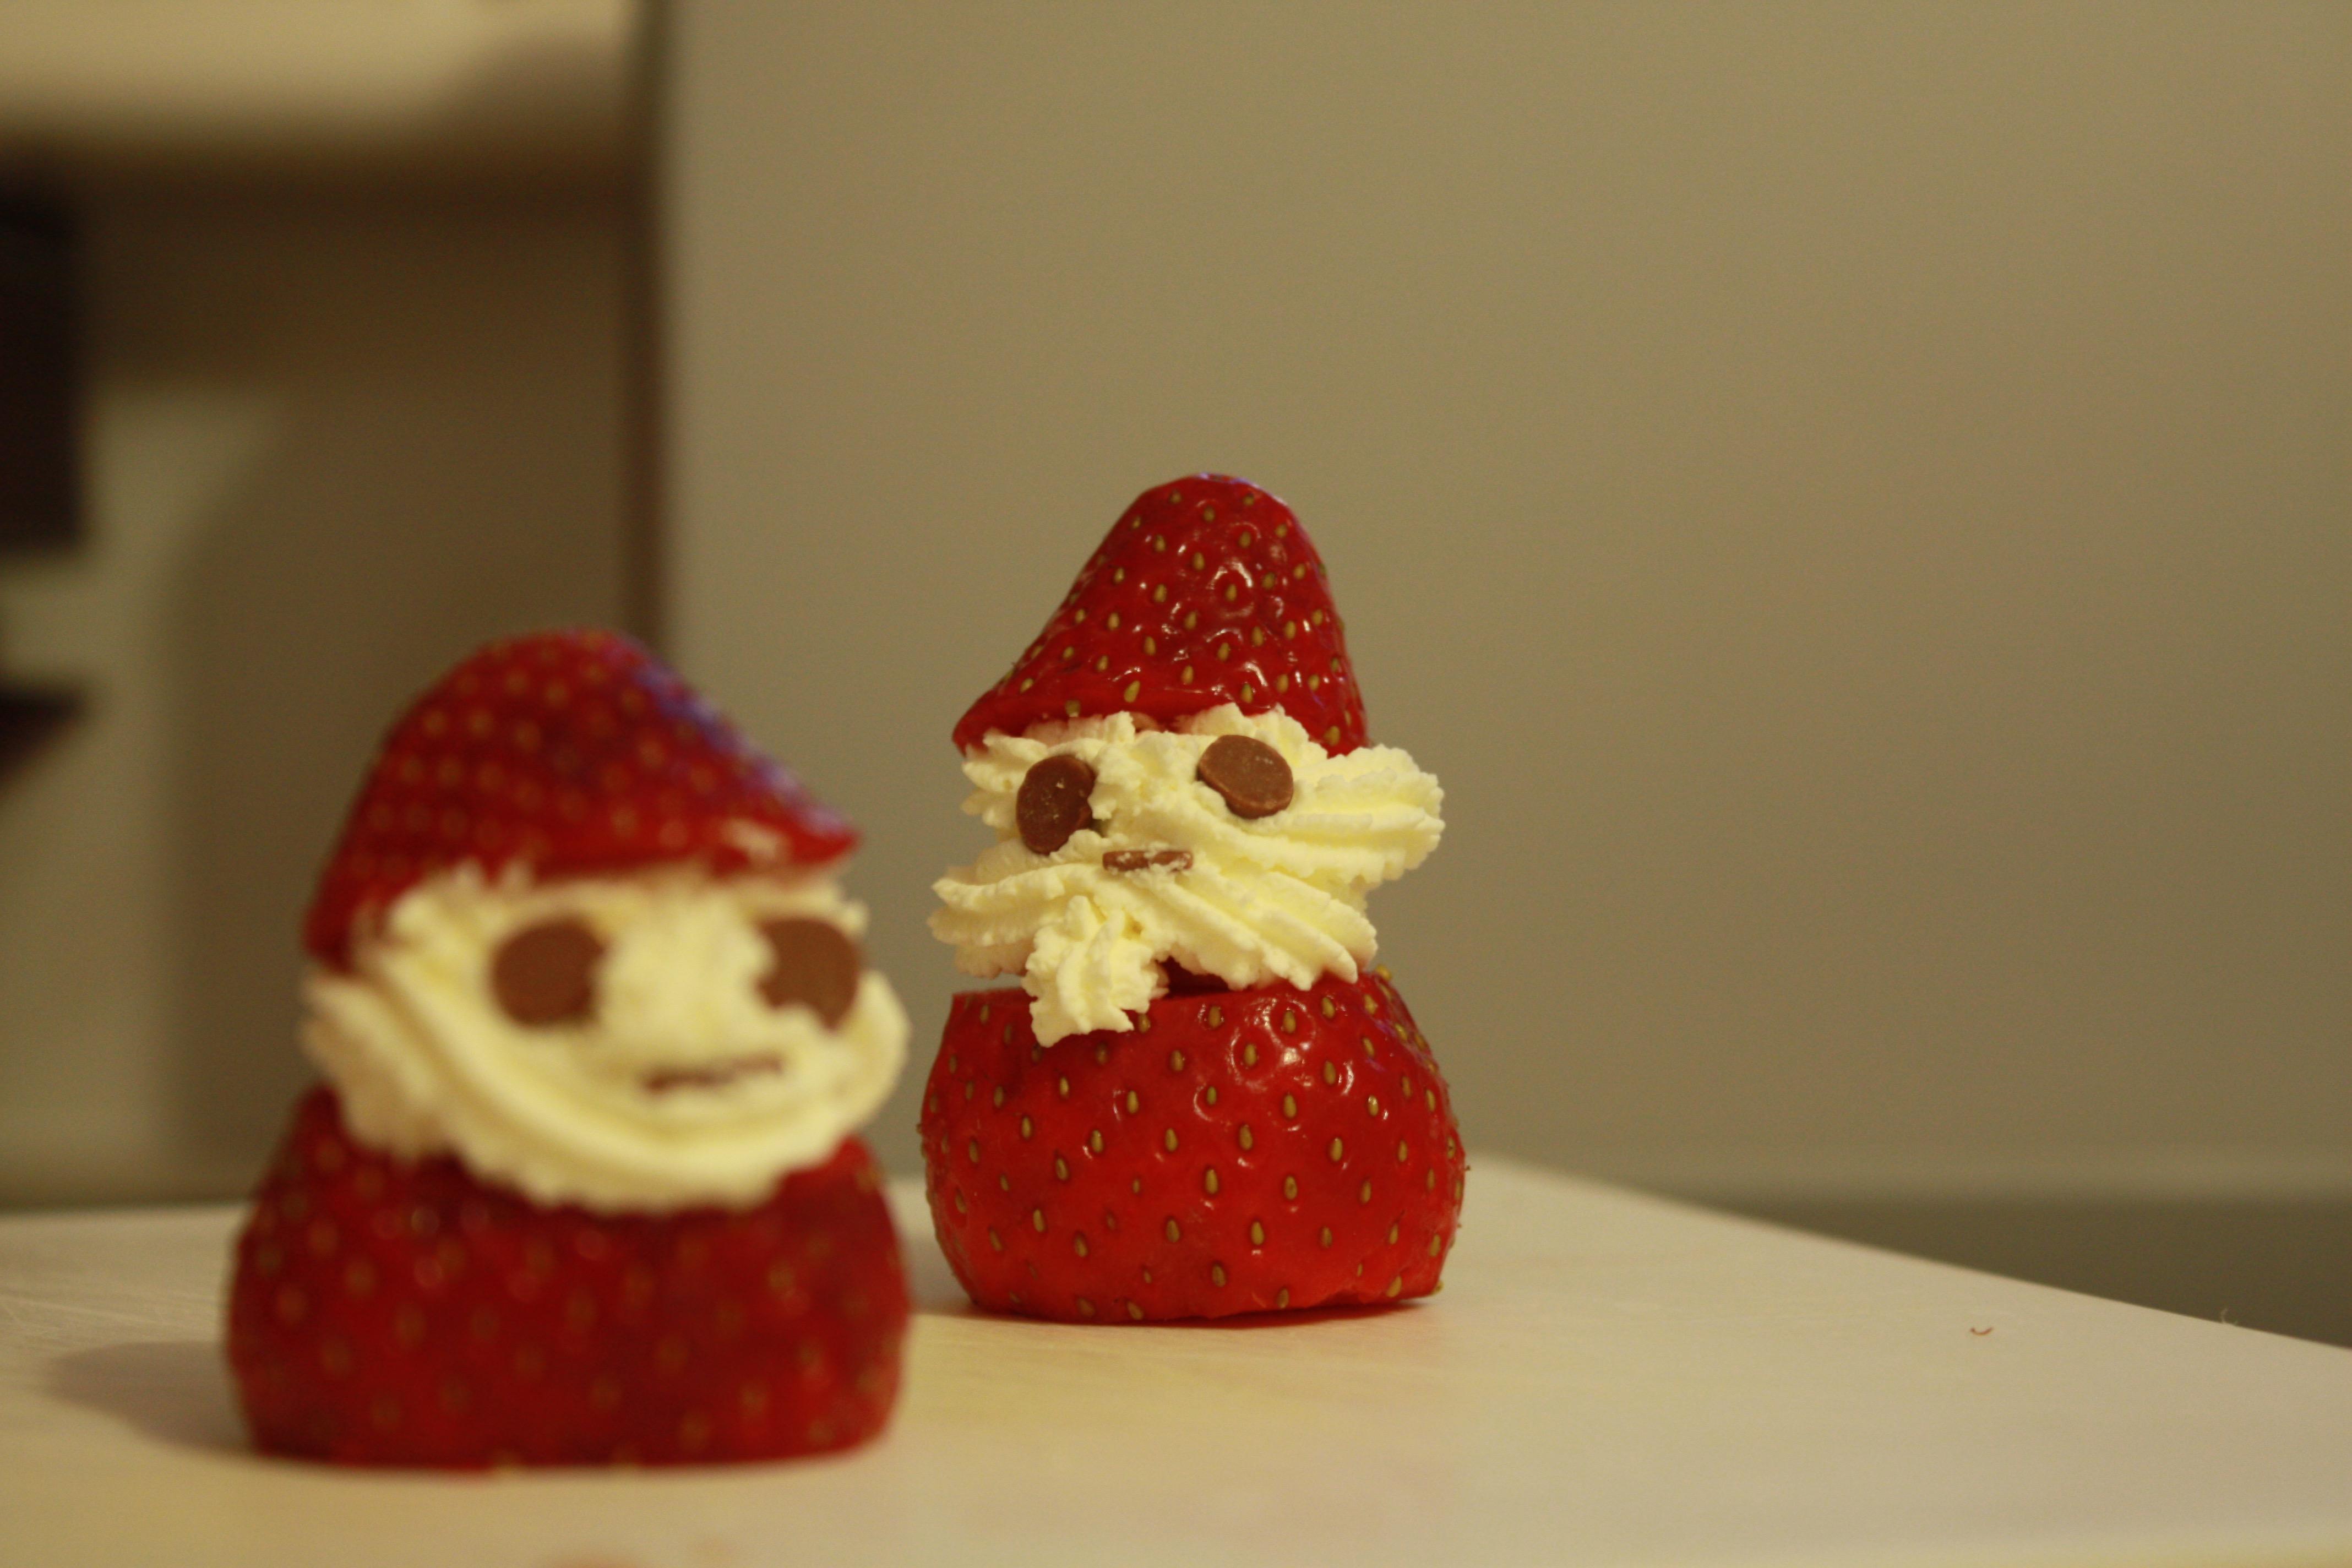 いちごはケーキの王様的な存在。 クリスマス